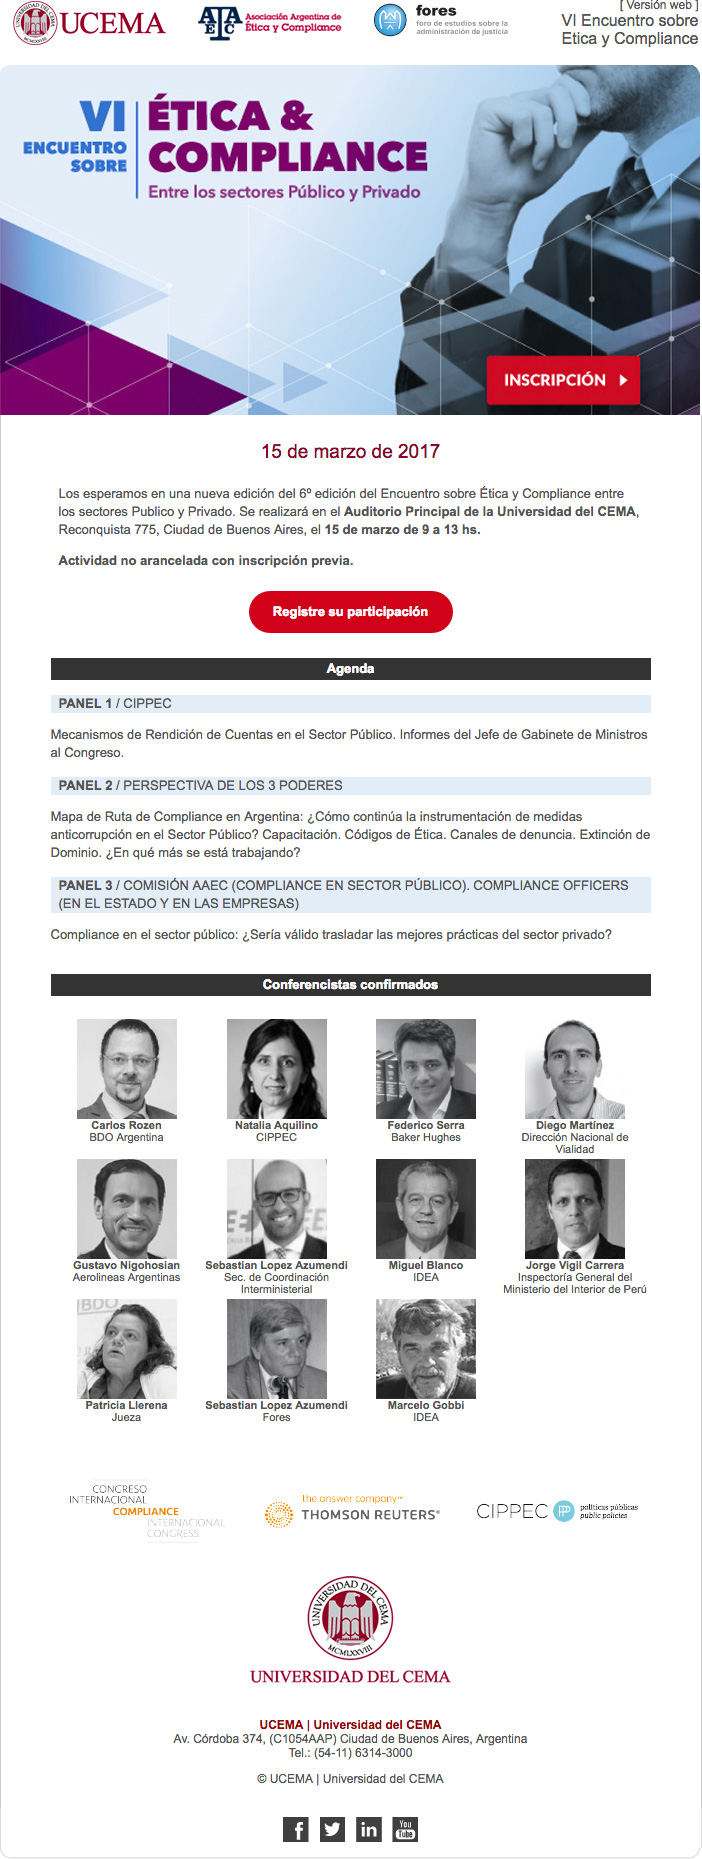 VI Encuentro sobre Etica y Compliance